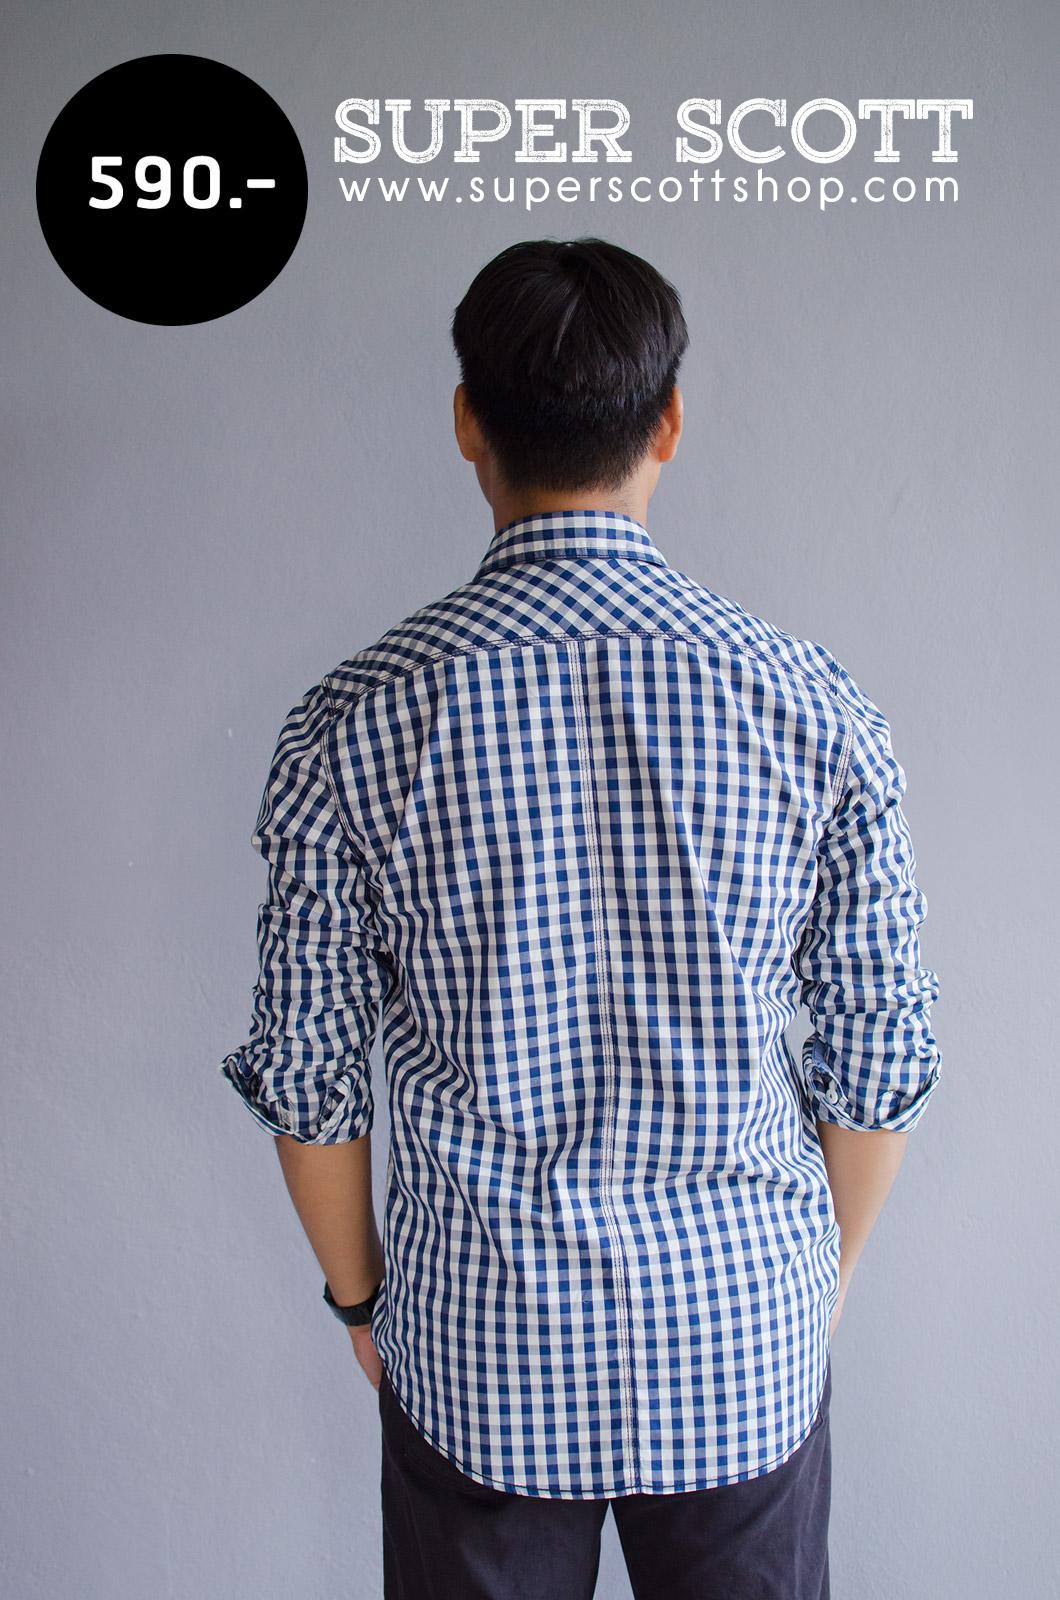 เสื้อเชิ้ตลายสก๊อตผู้ชาย สีน้ำเงินขาว